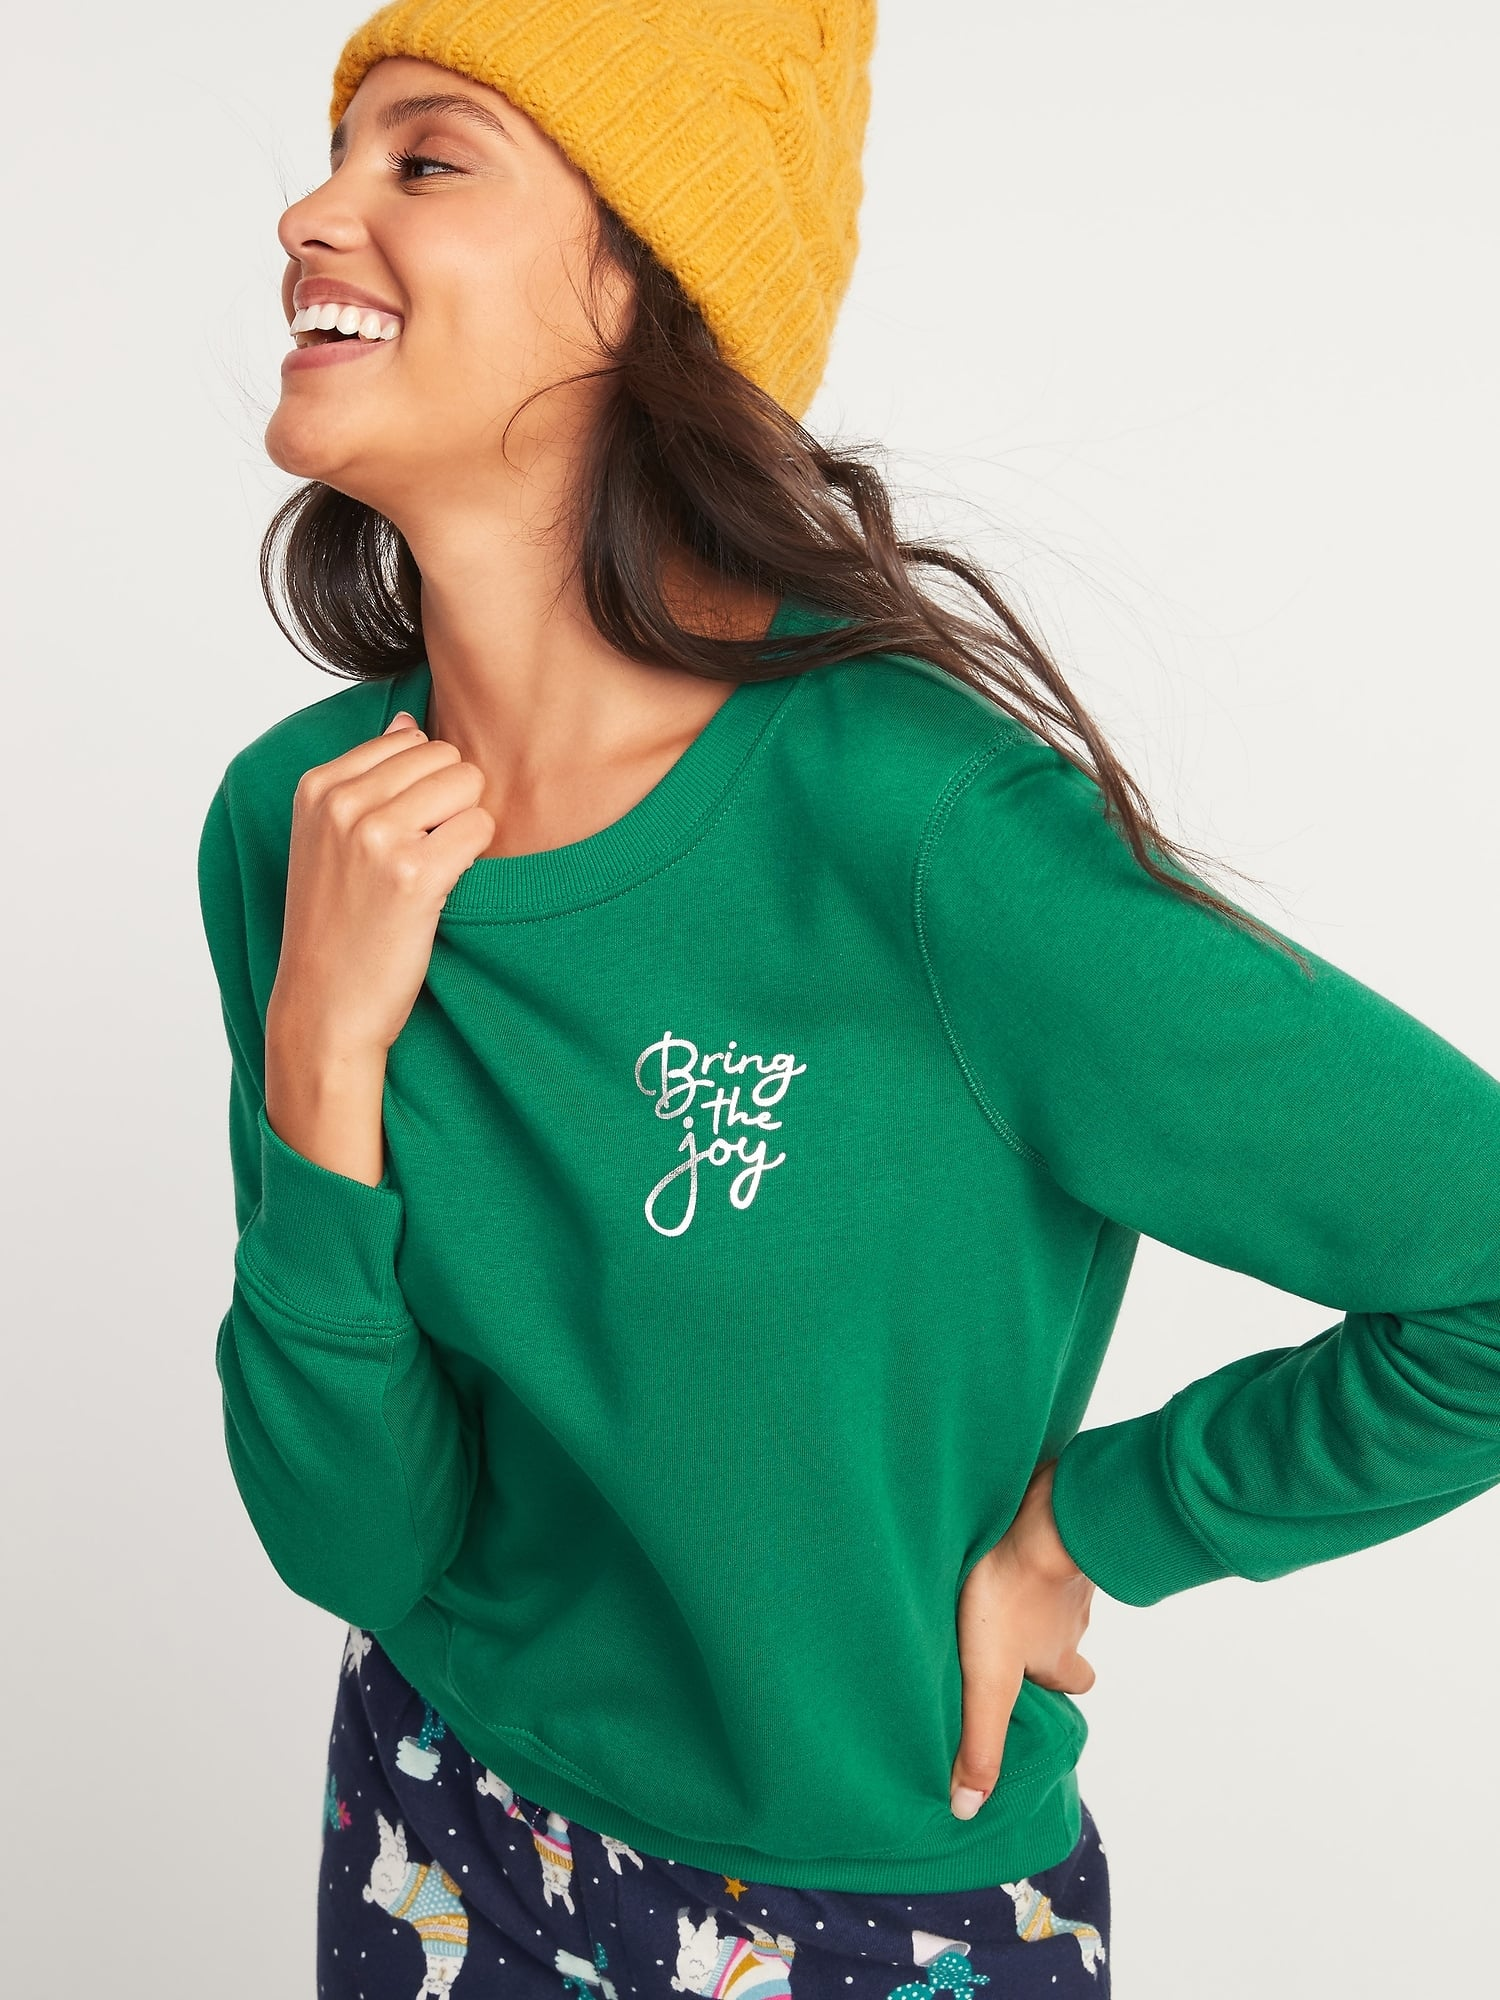 Christmas Hoody Christmas Hoodie Santa Sweater Christmas Sweatshirts Santa Hoodie Christmas Sweater In Grey.